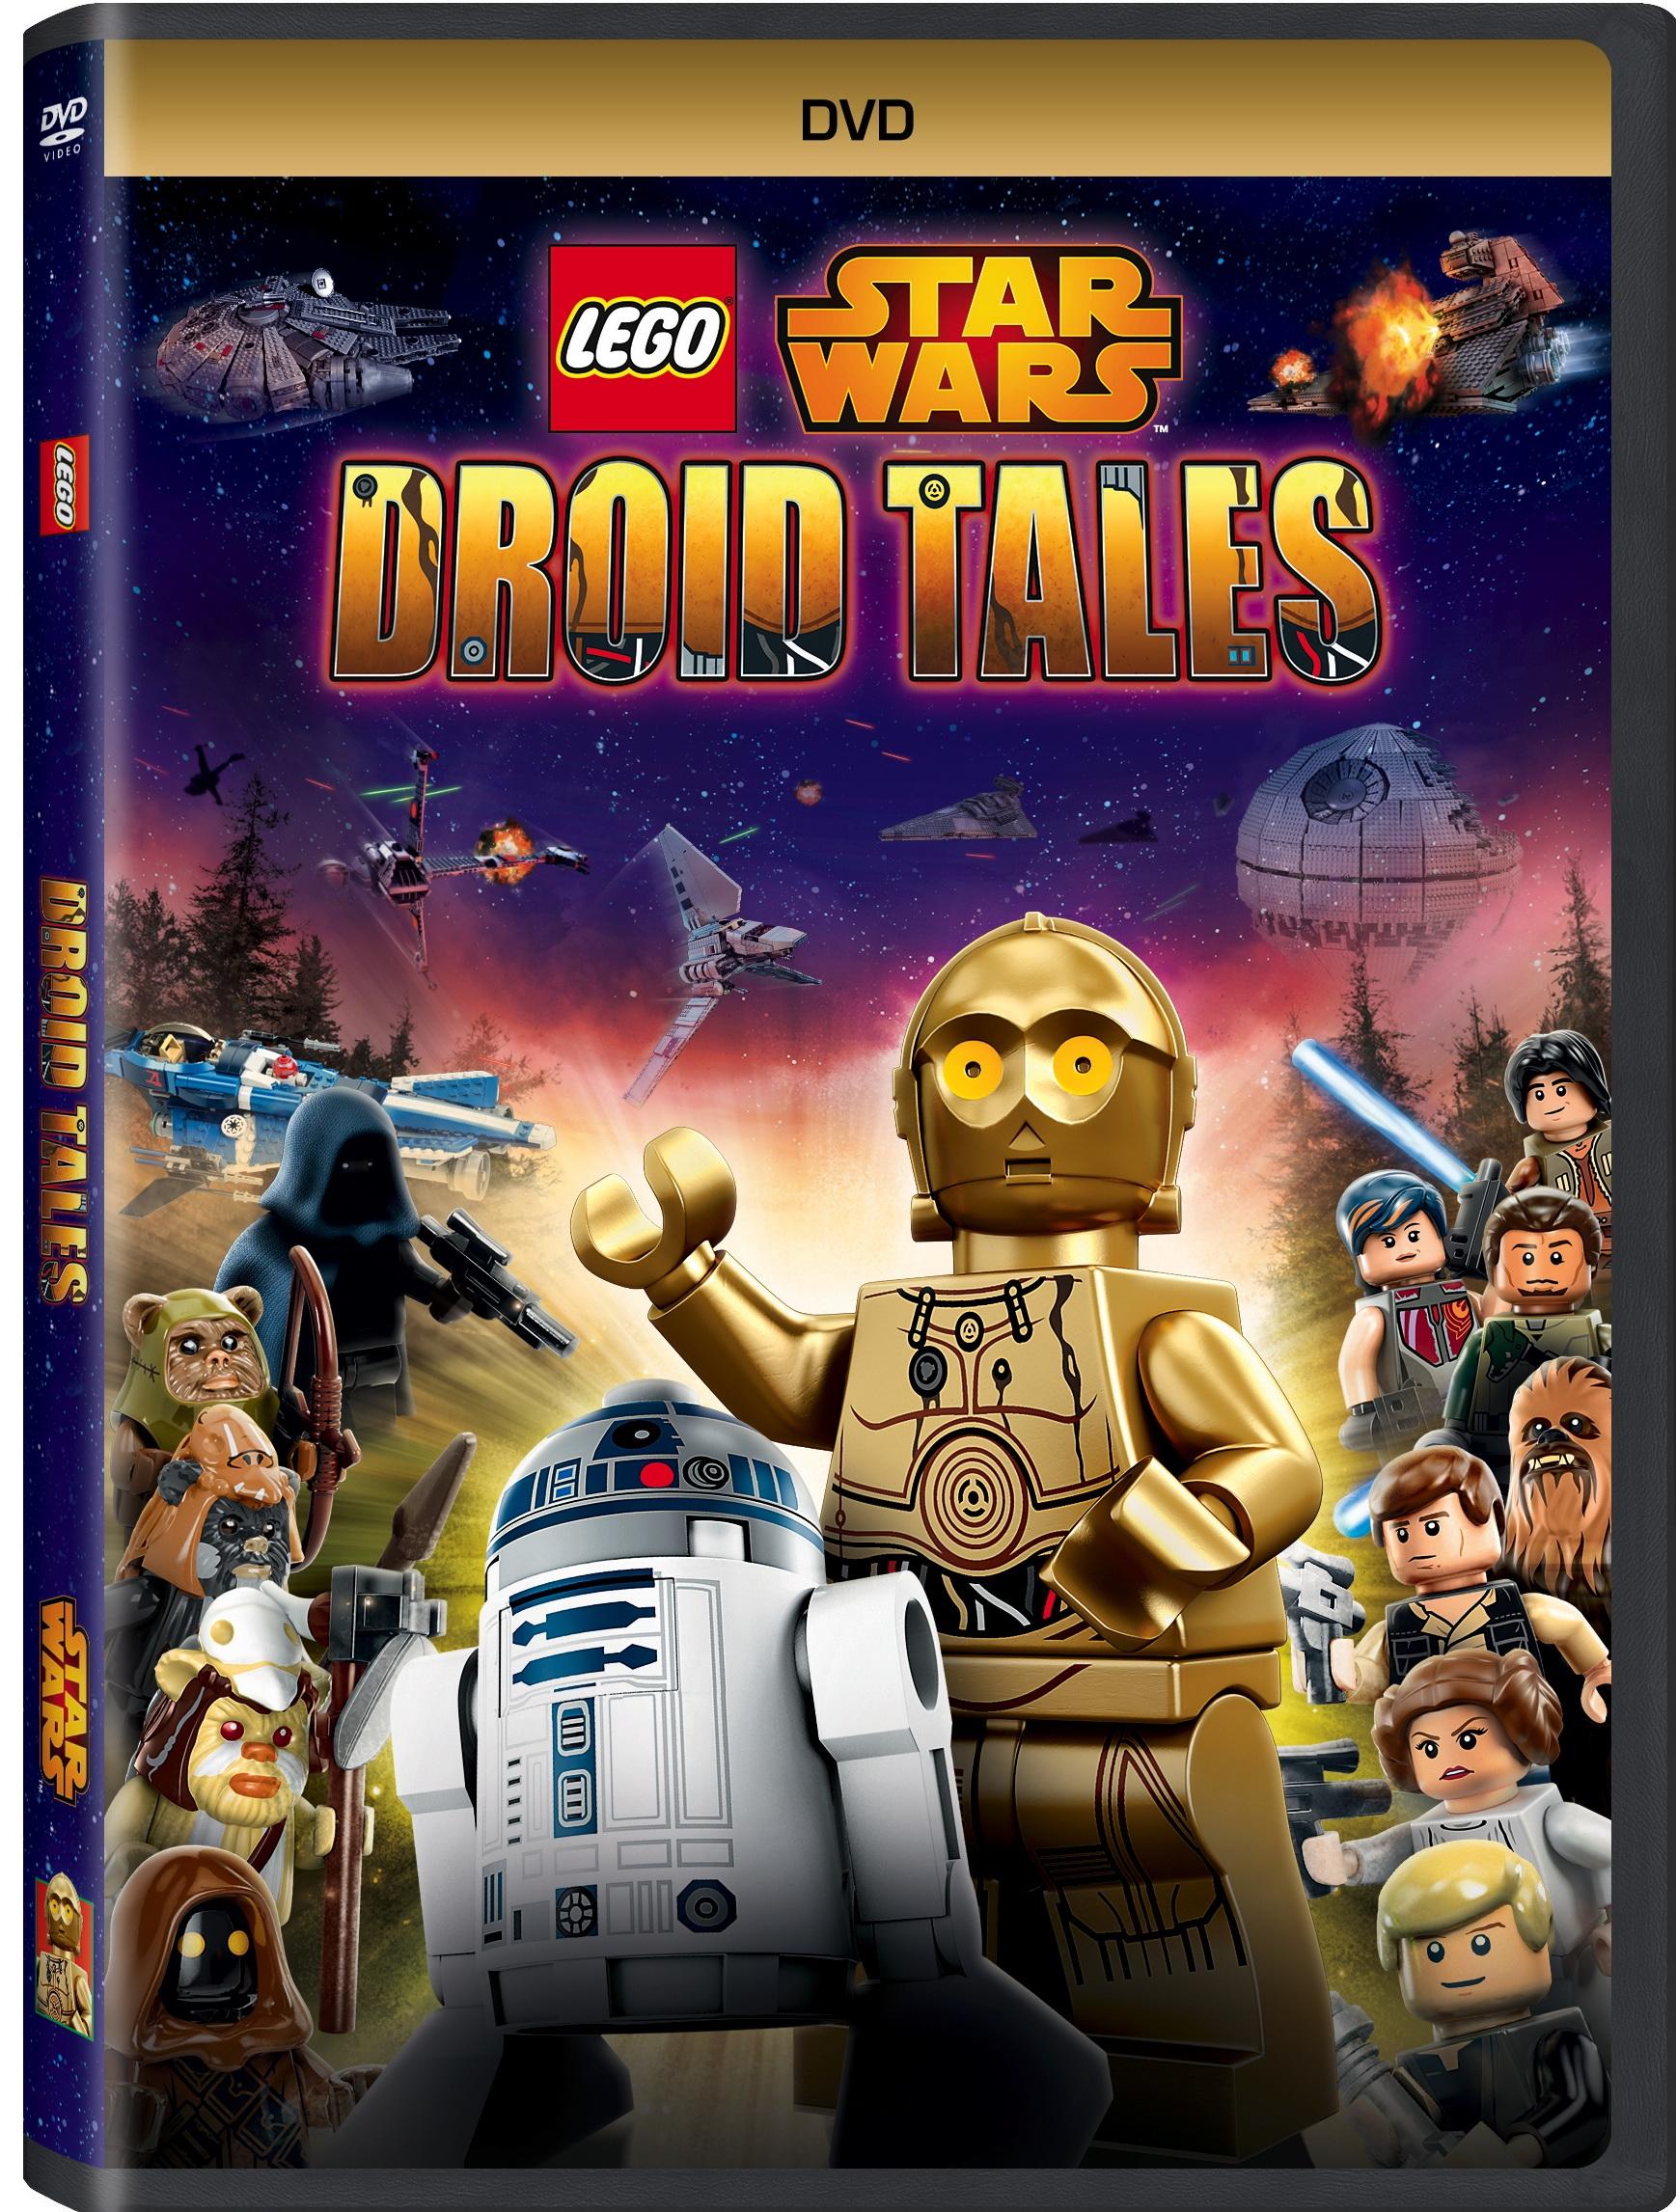 Lego star wars droid tales disney wiki fandom powered - Bd lego star wars ...